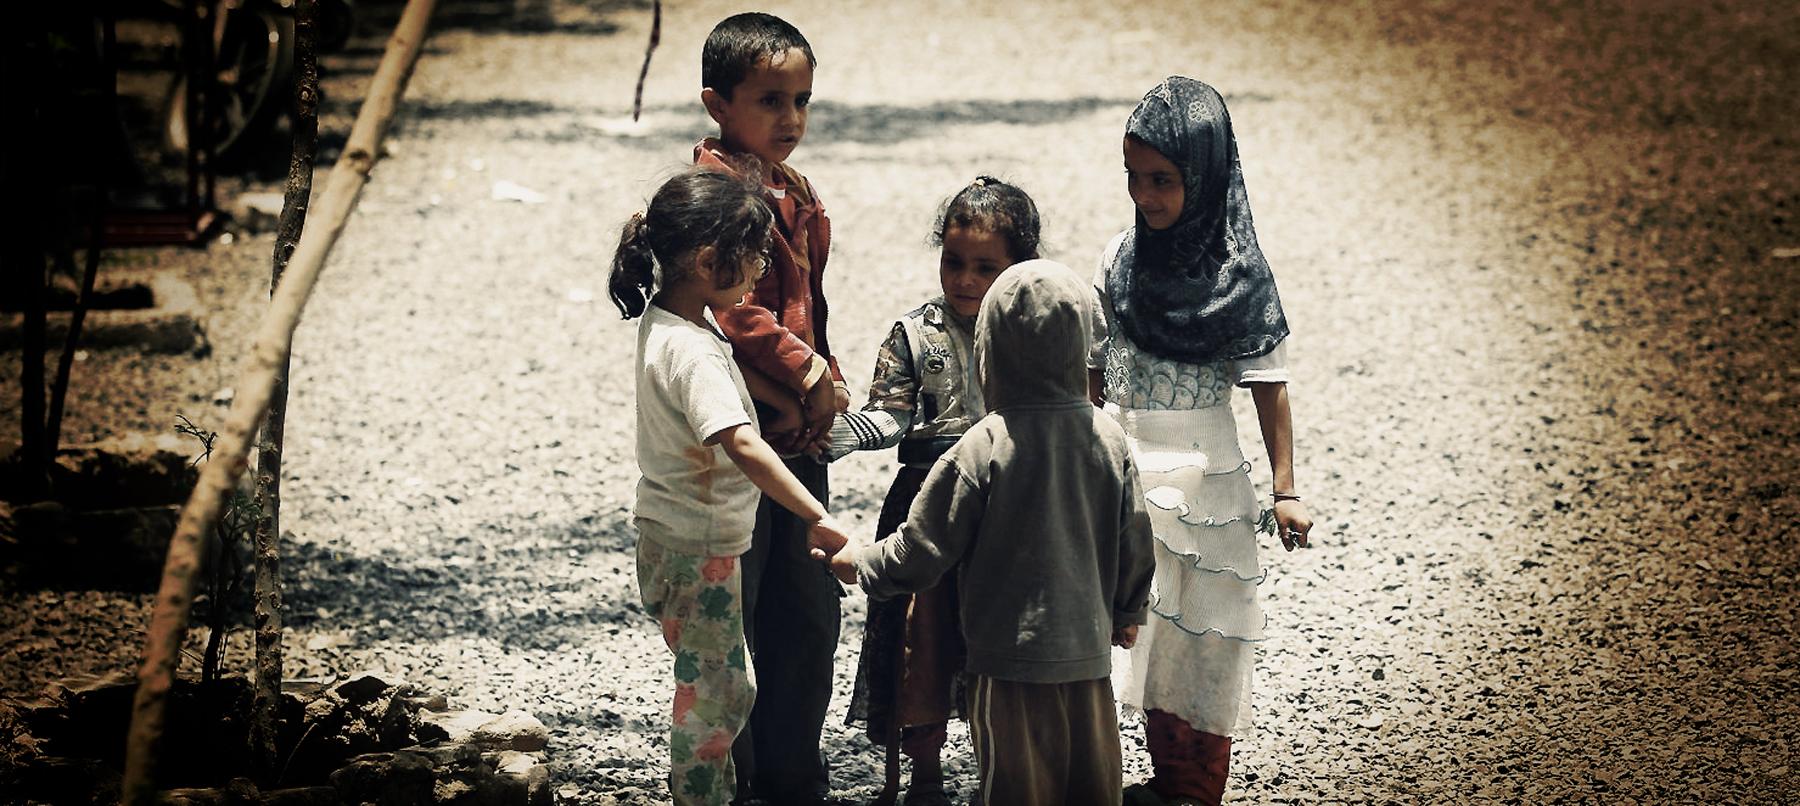 Hunger als Kriegswaffe – 85.000 Kinder im Jemen ermordet <br>  <span id='sec-title'>Die unsichtbaren Toten des Saudi-Kriegs</span>